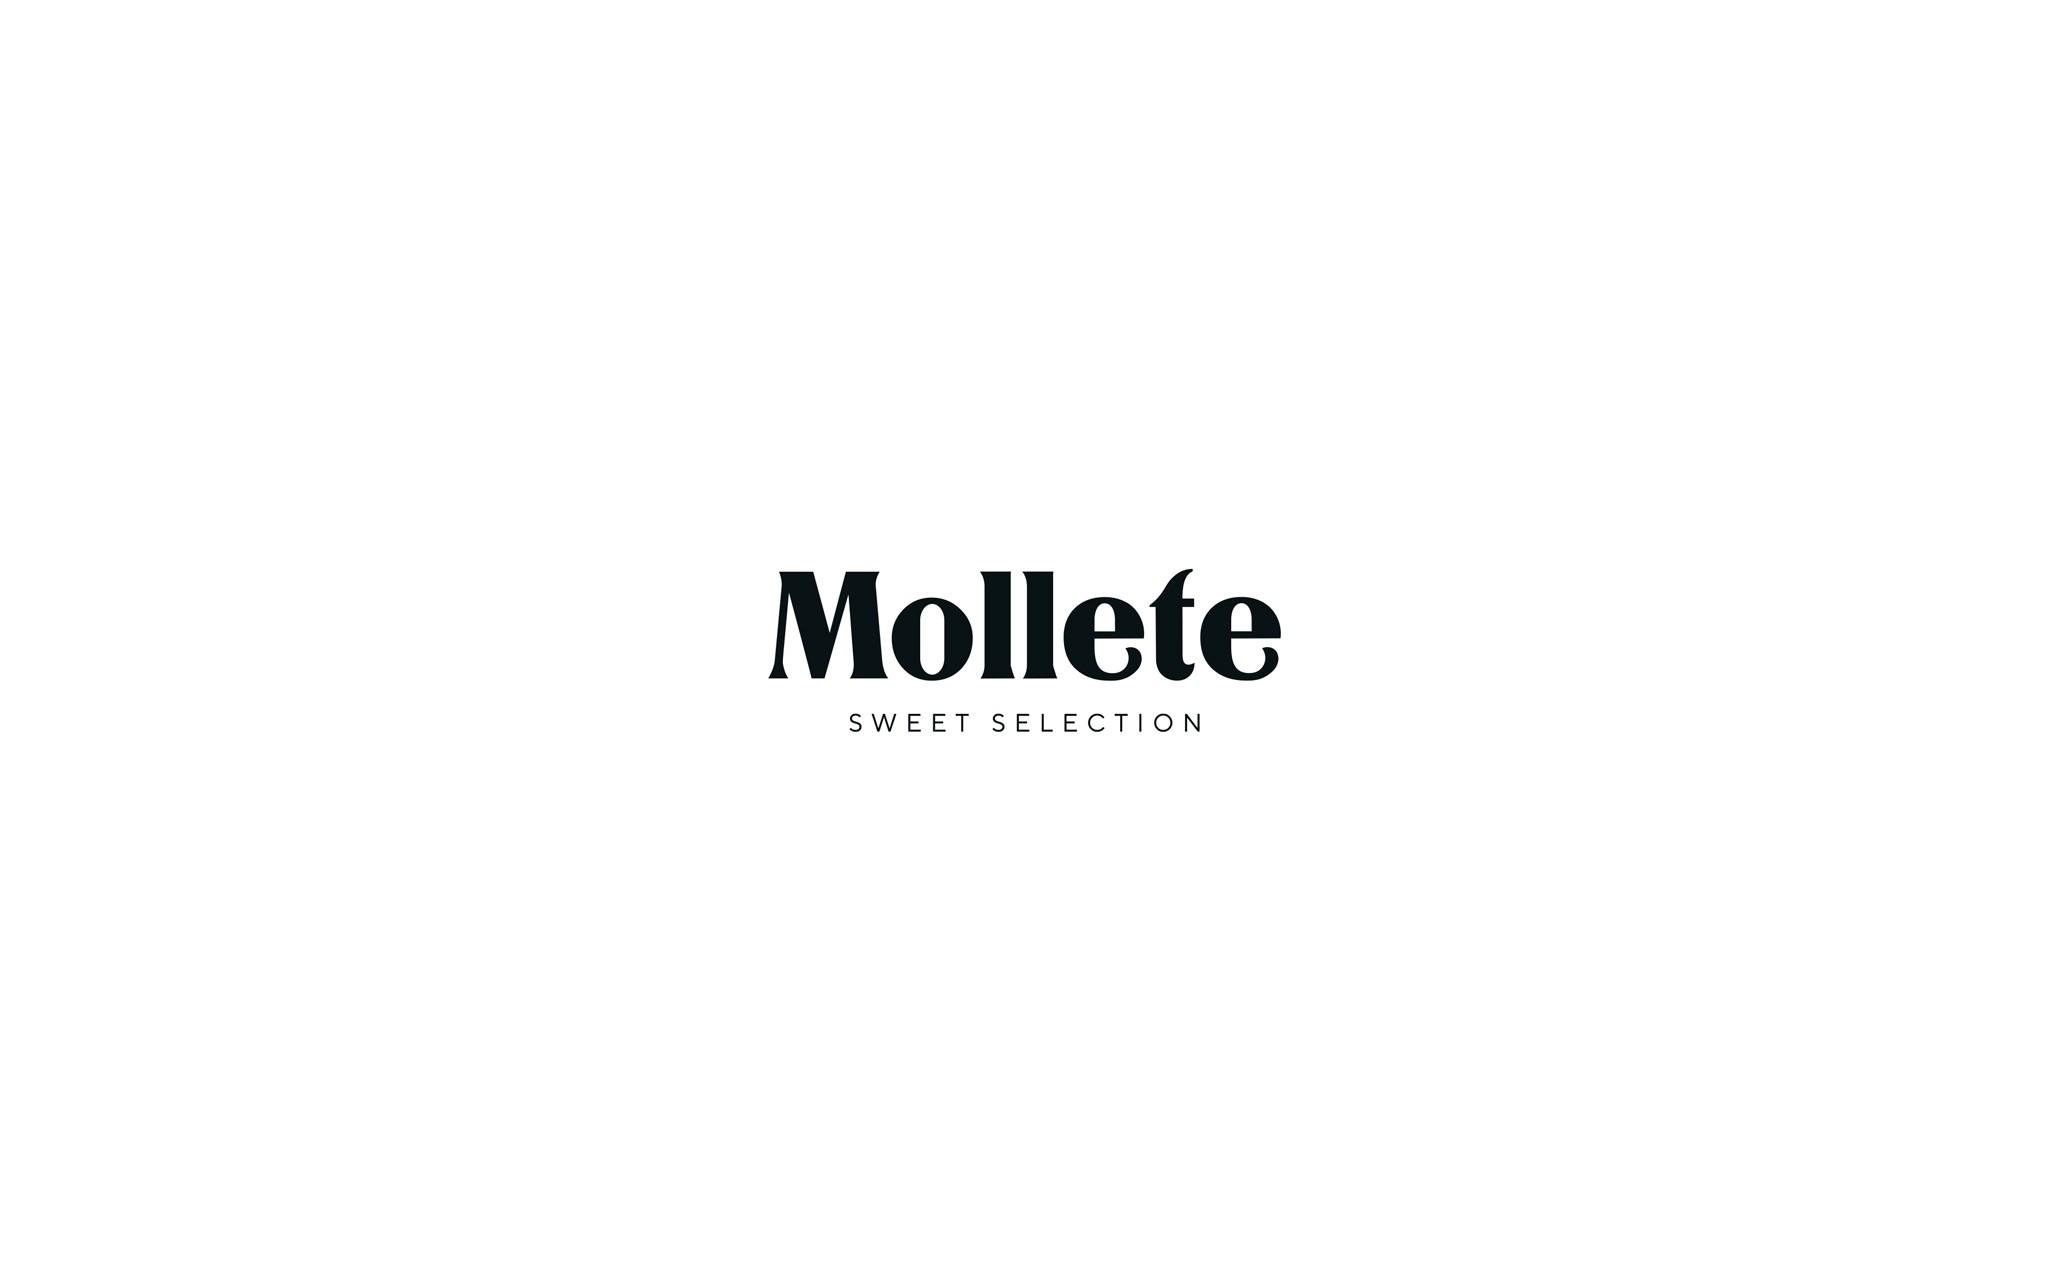 Mollete Pastry